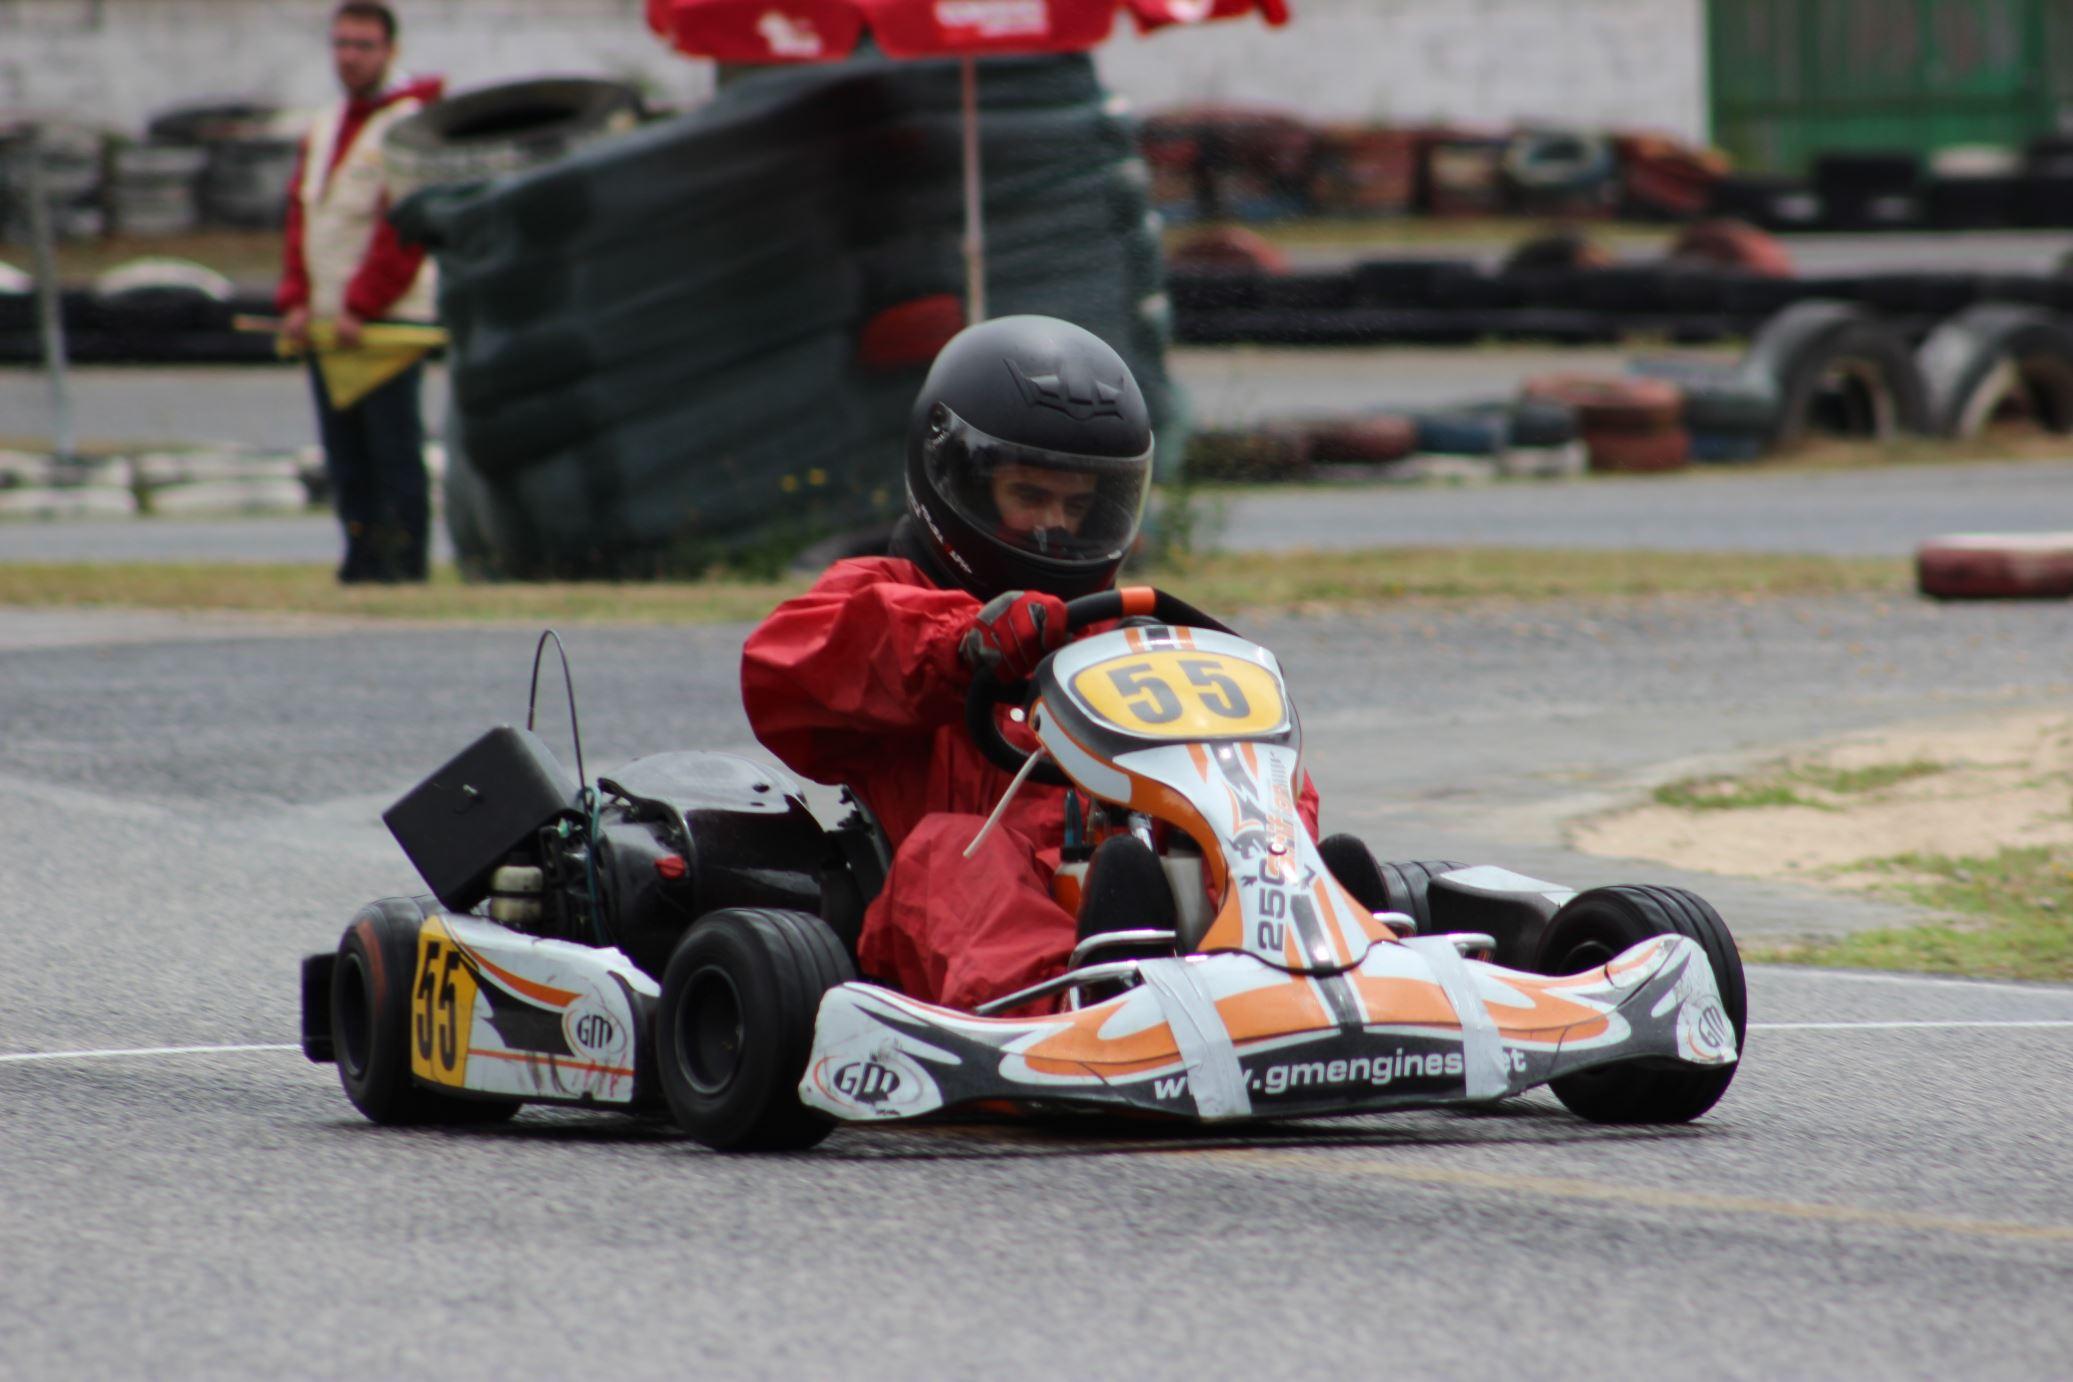 Troféu Honda 2014 - 2ª Prova124